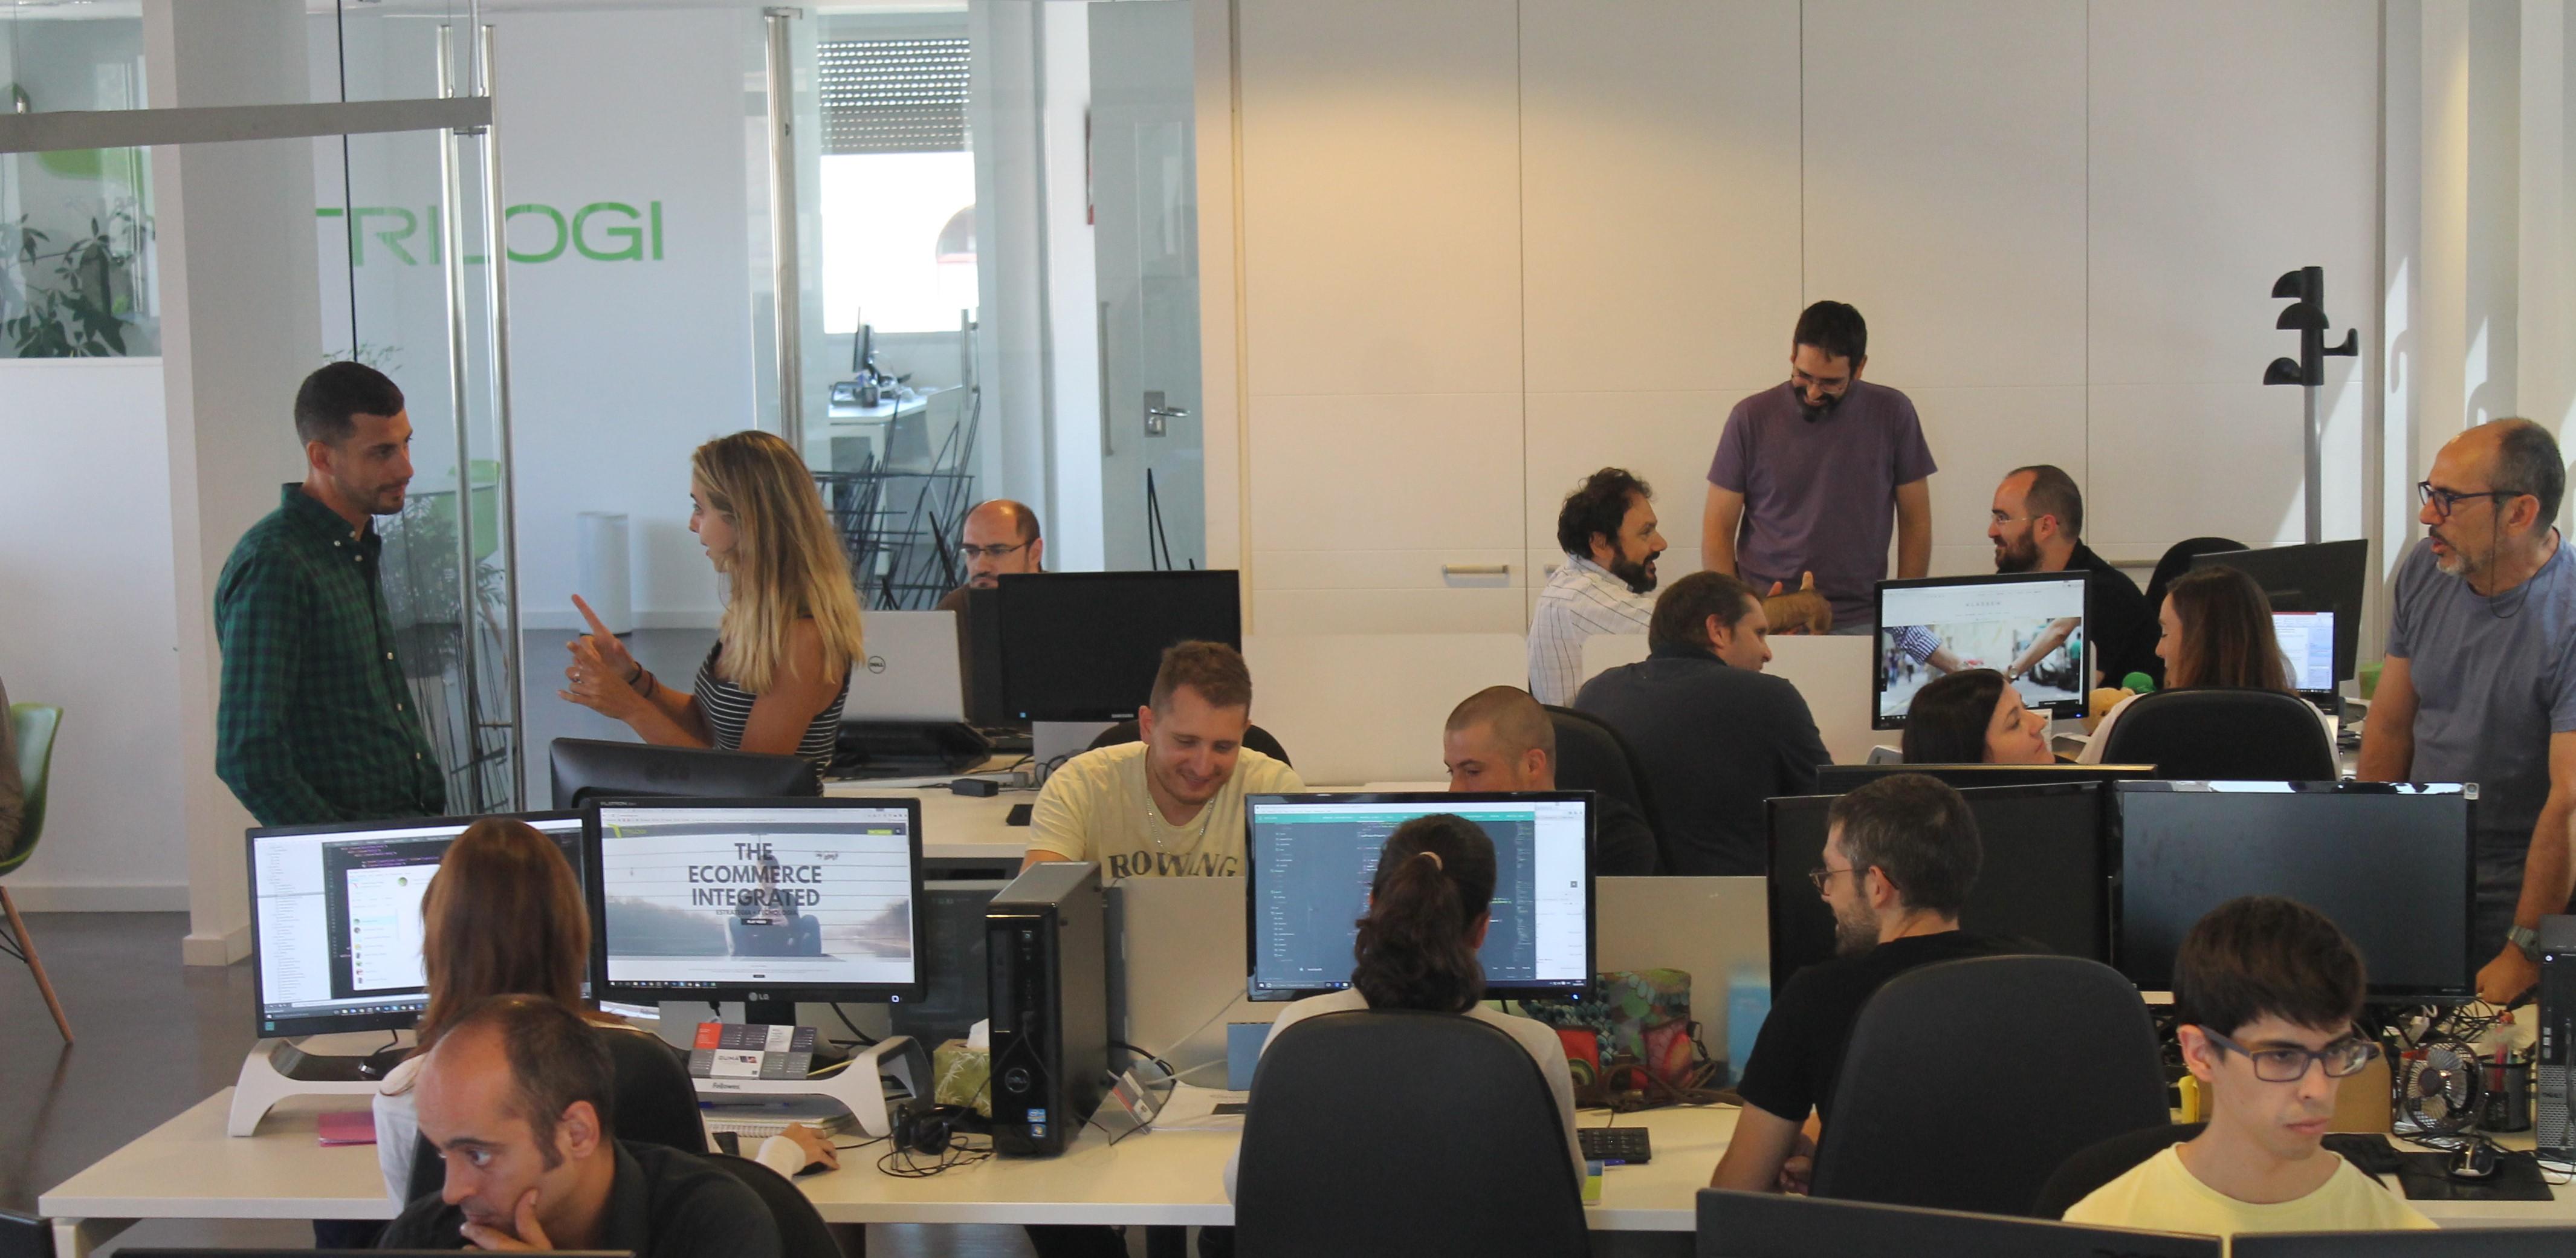 Trilogi (TLG Commerce), desarrolladores de tiendas online